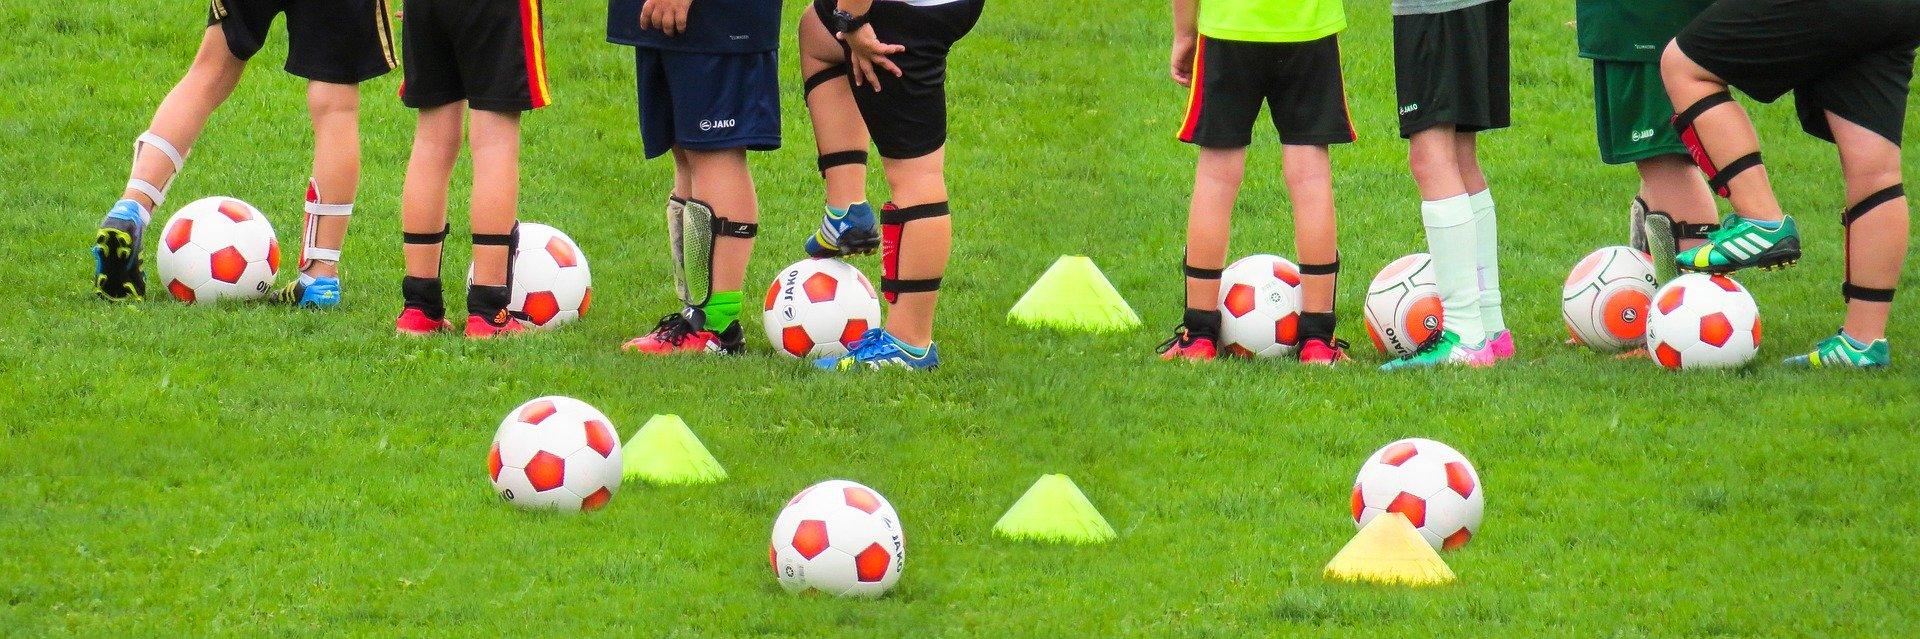 Die letzte Woche vor dem Fußballcamp